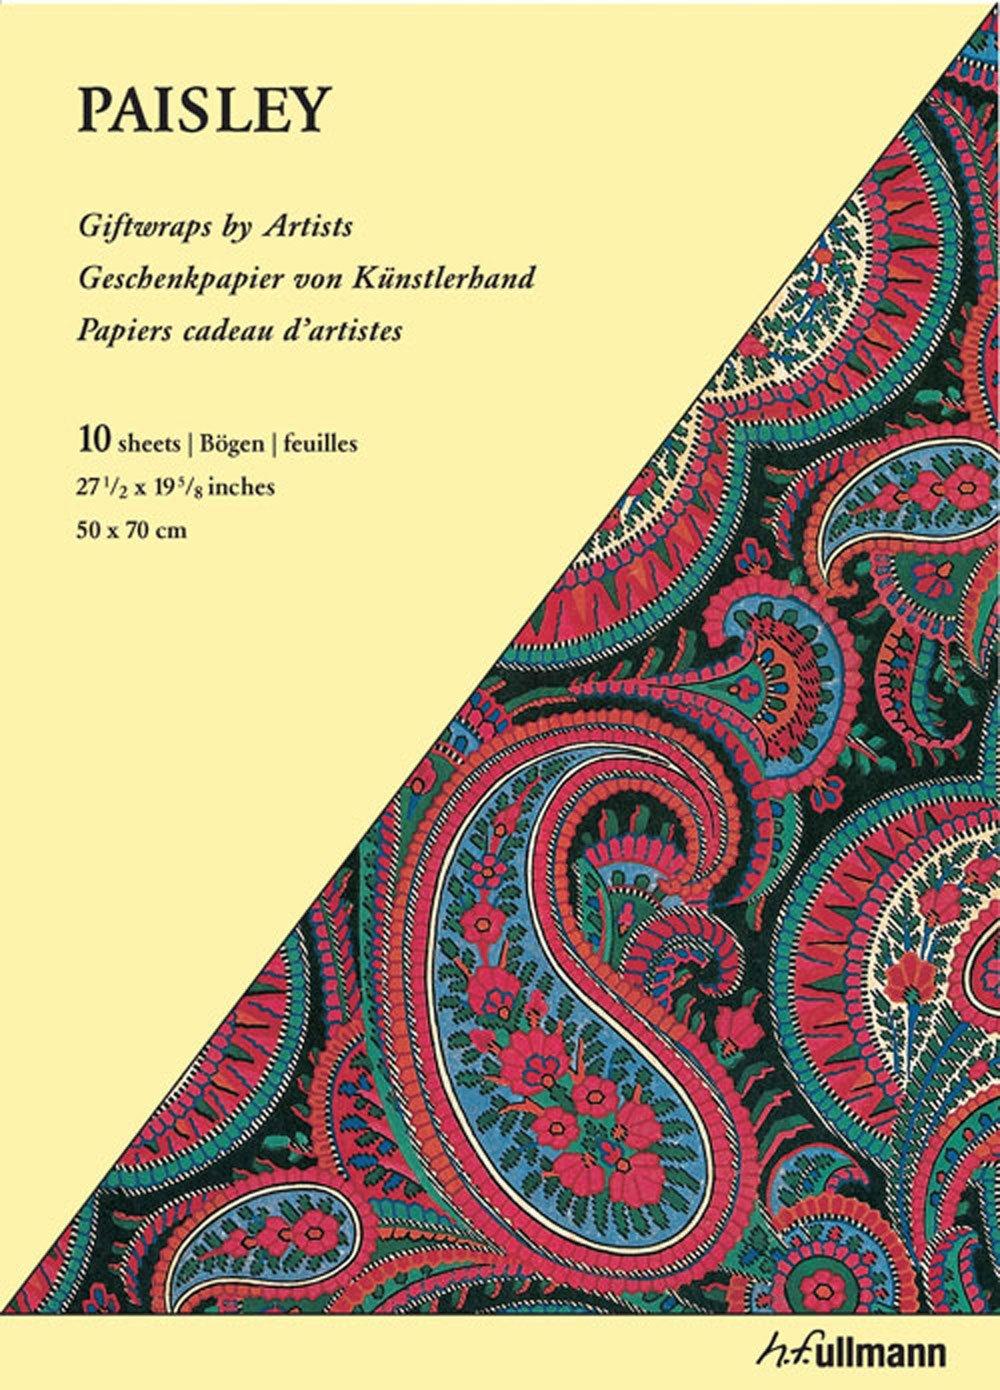 paisley-geschenkpapiere-von-knstlerhand-giftwraps-by-artists